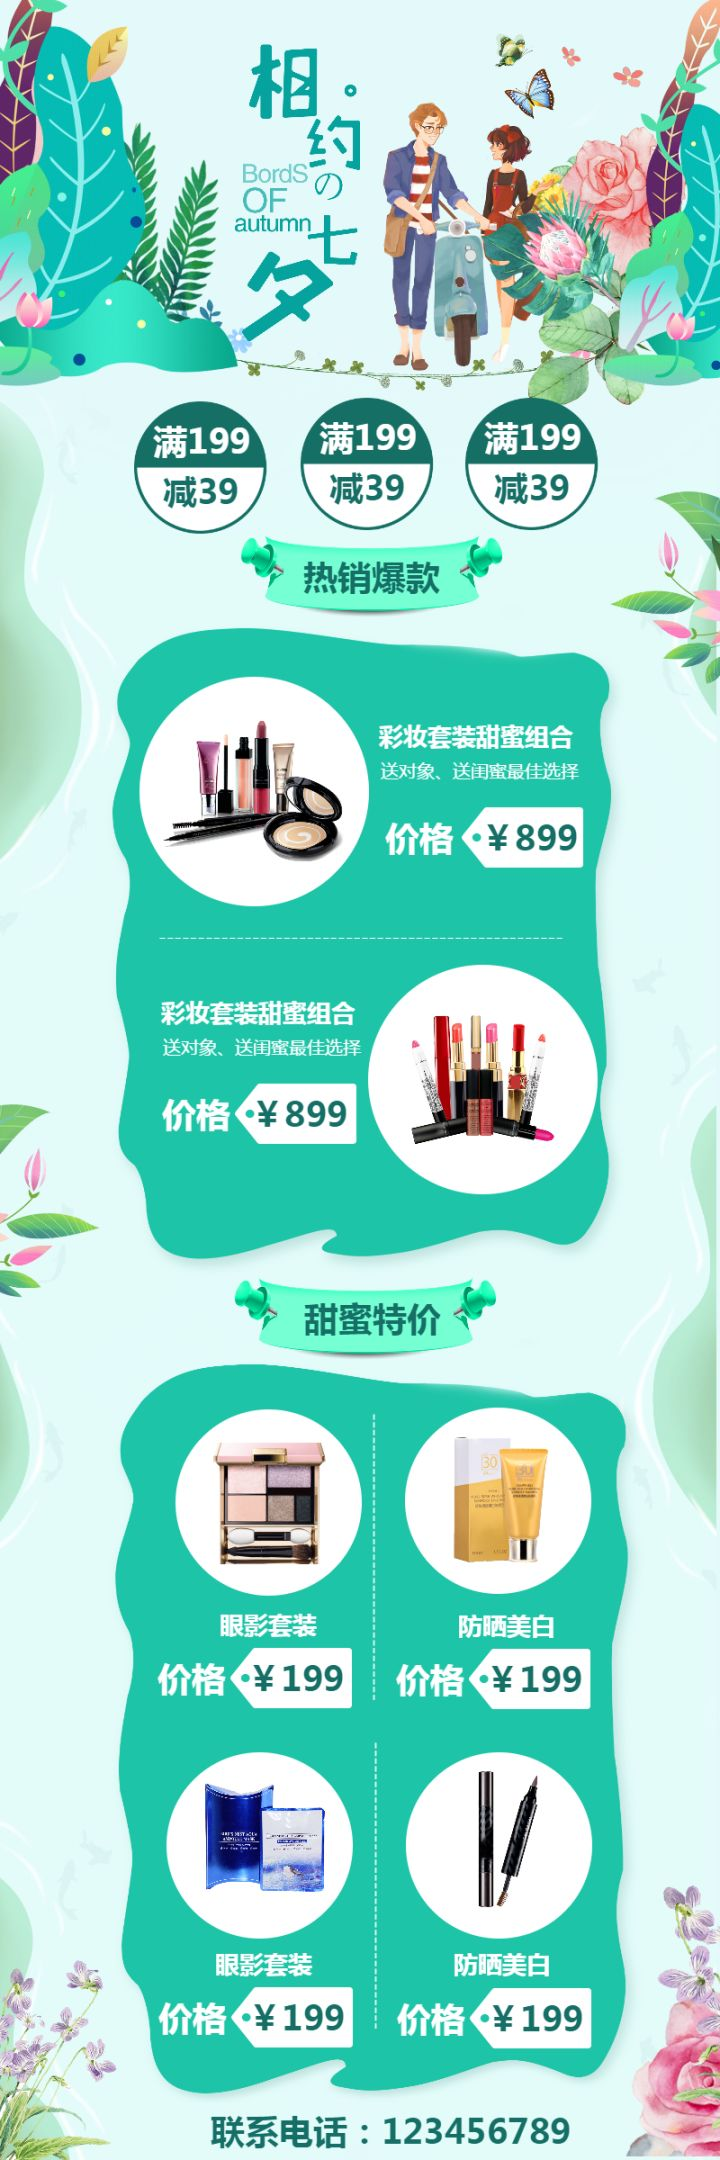 七夕情人节简约手绘清新促销海报